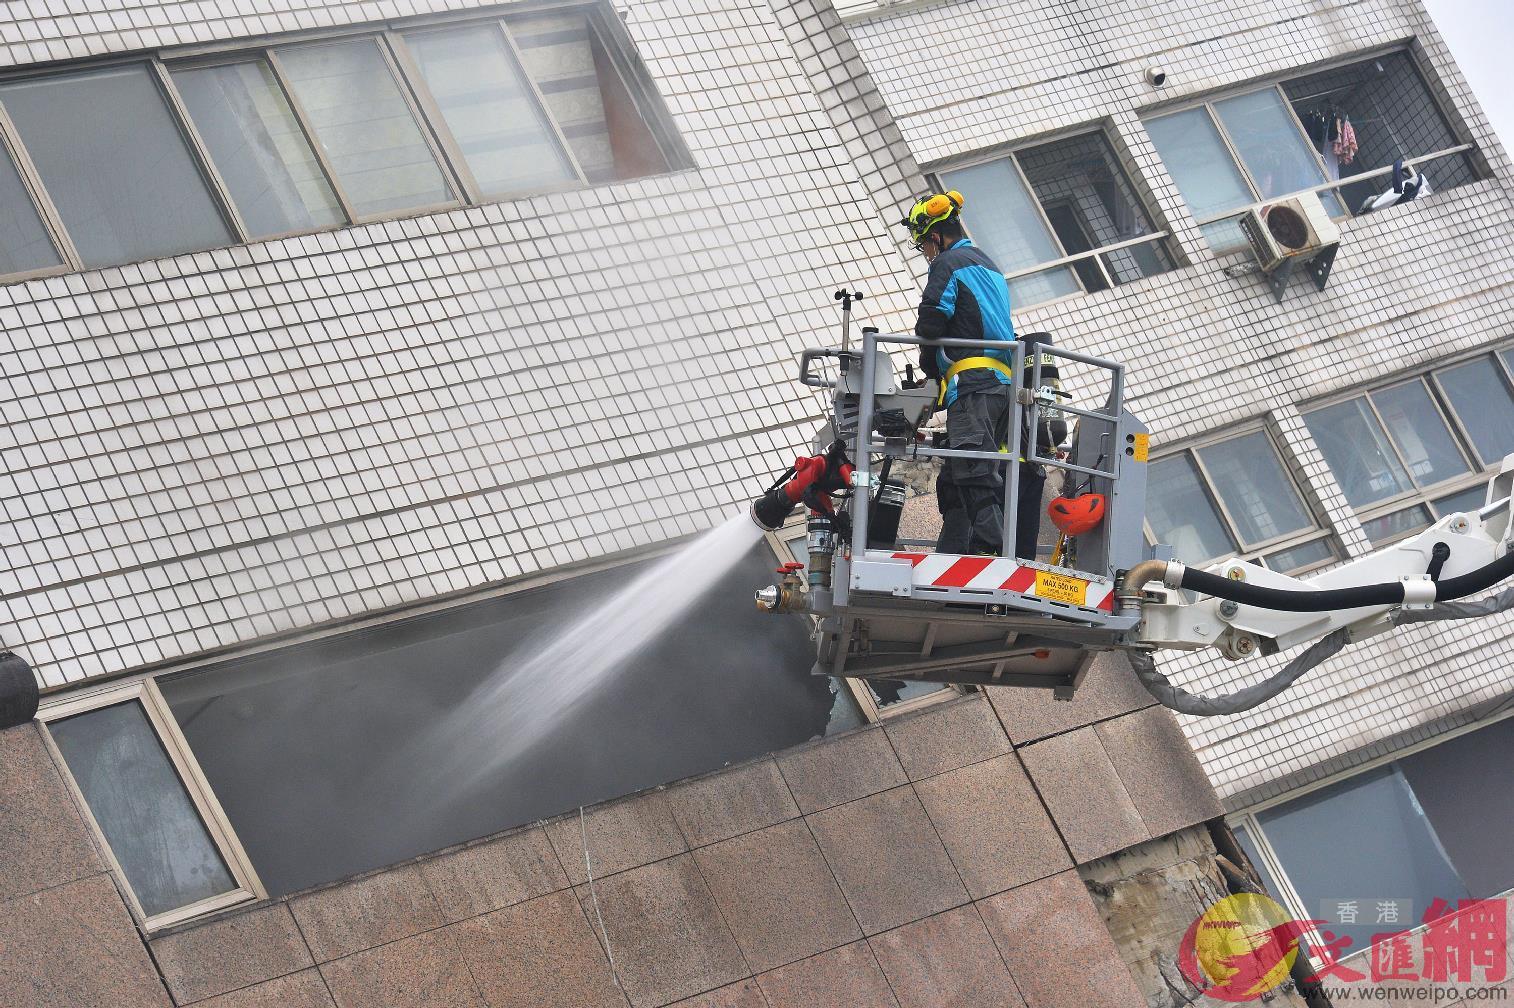 7日09:50:嚴重傾斜的雲門翠堤大樓內部起火悶燒,消防人員持續灑水。